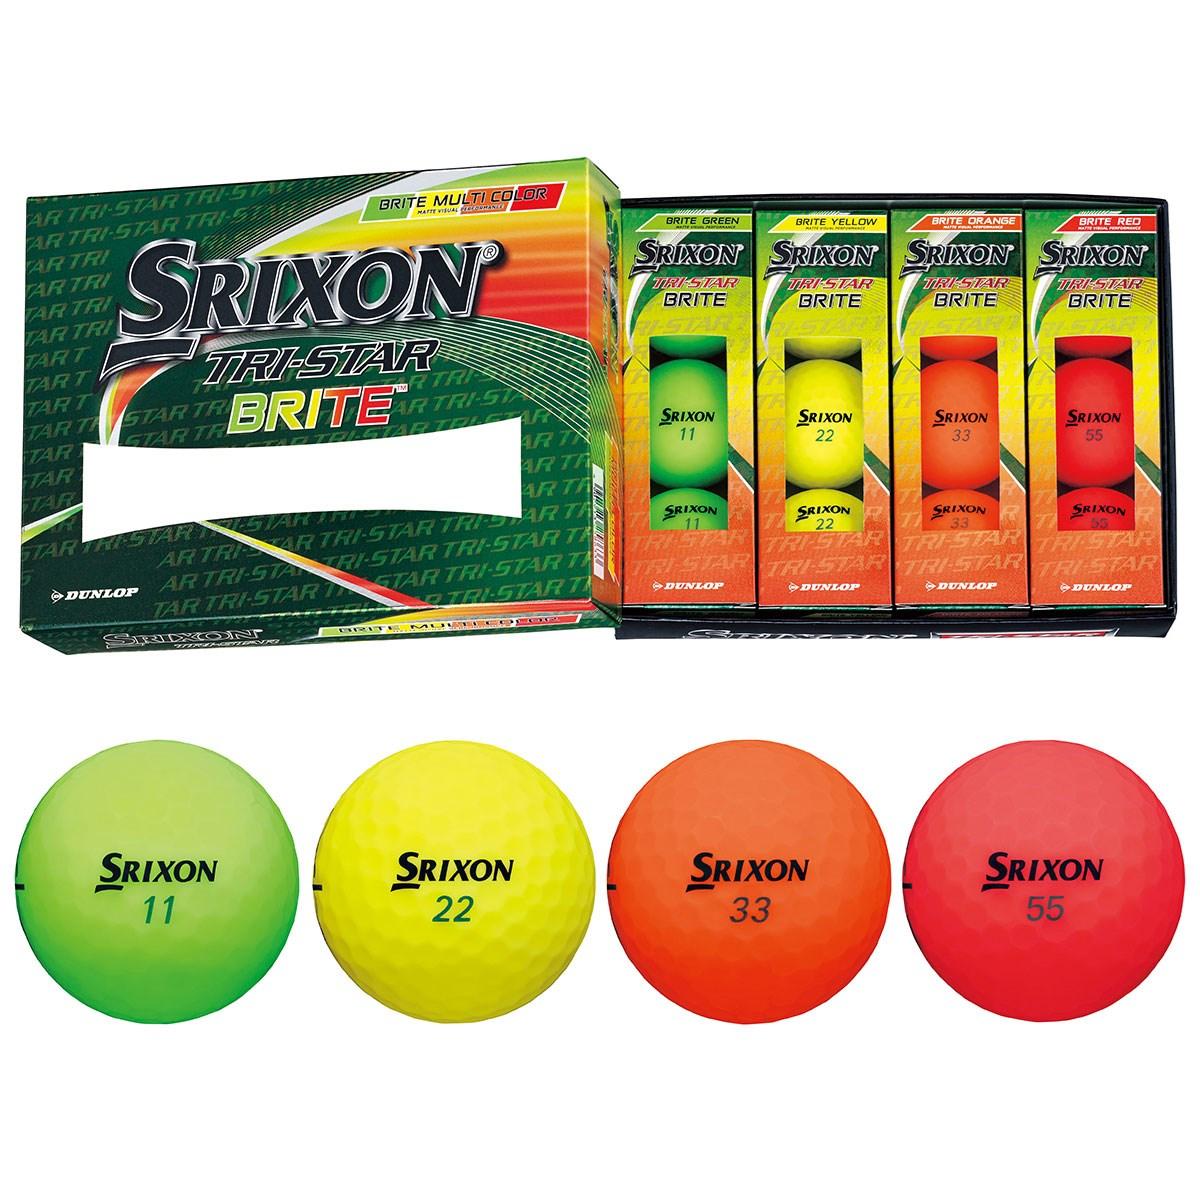 ダンロップ SRIXON スリクソン TRI-STAR 3 BRITE ボール 1ダース(12個入り) マルチカラー